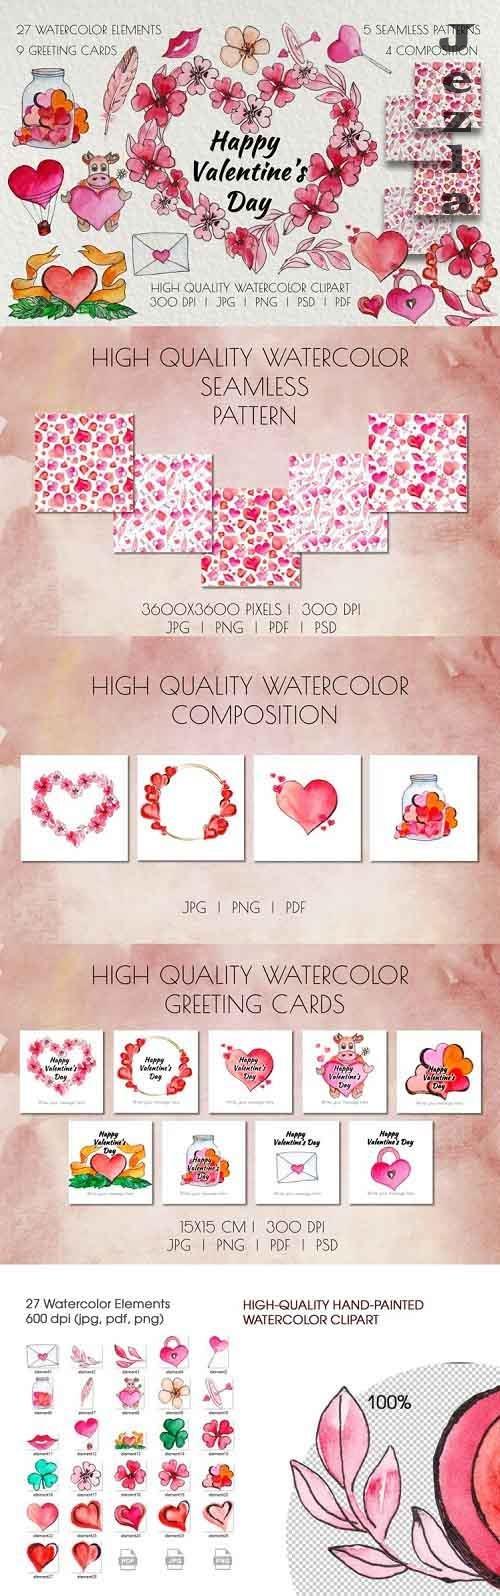 Valentine's Day Watercolor Clipart. Invitation, card design - 1191641